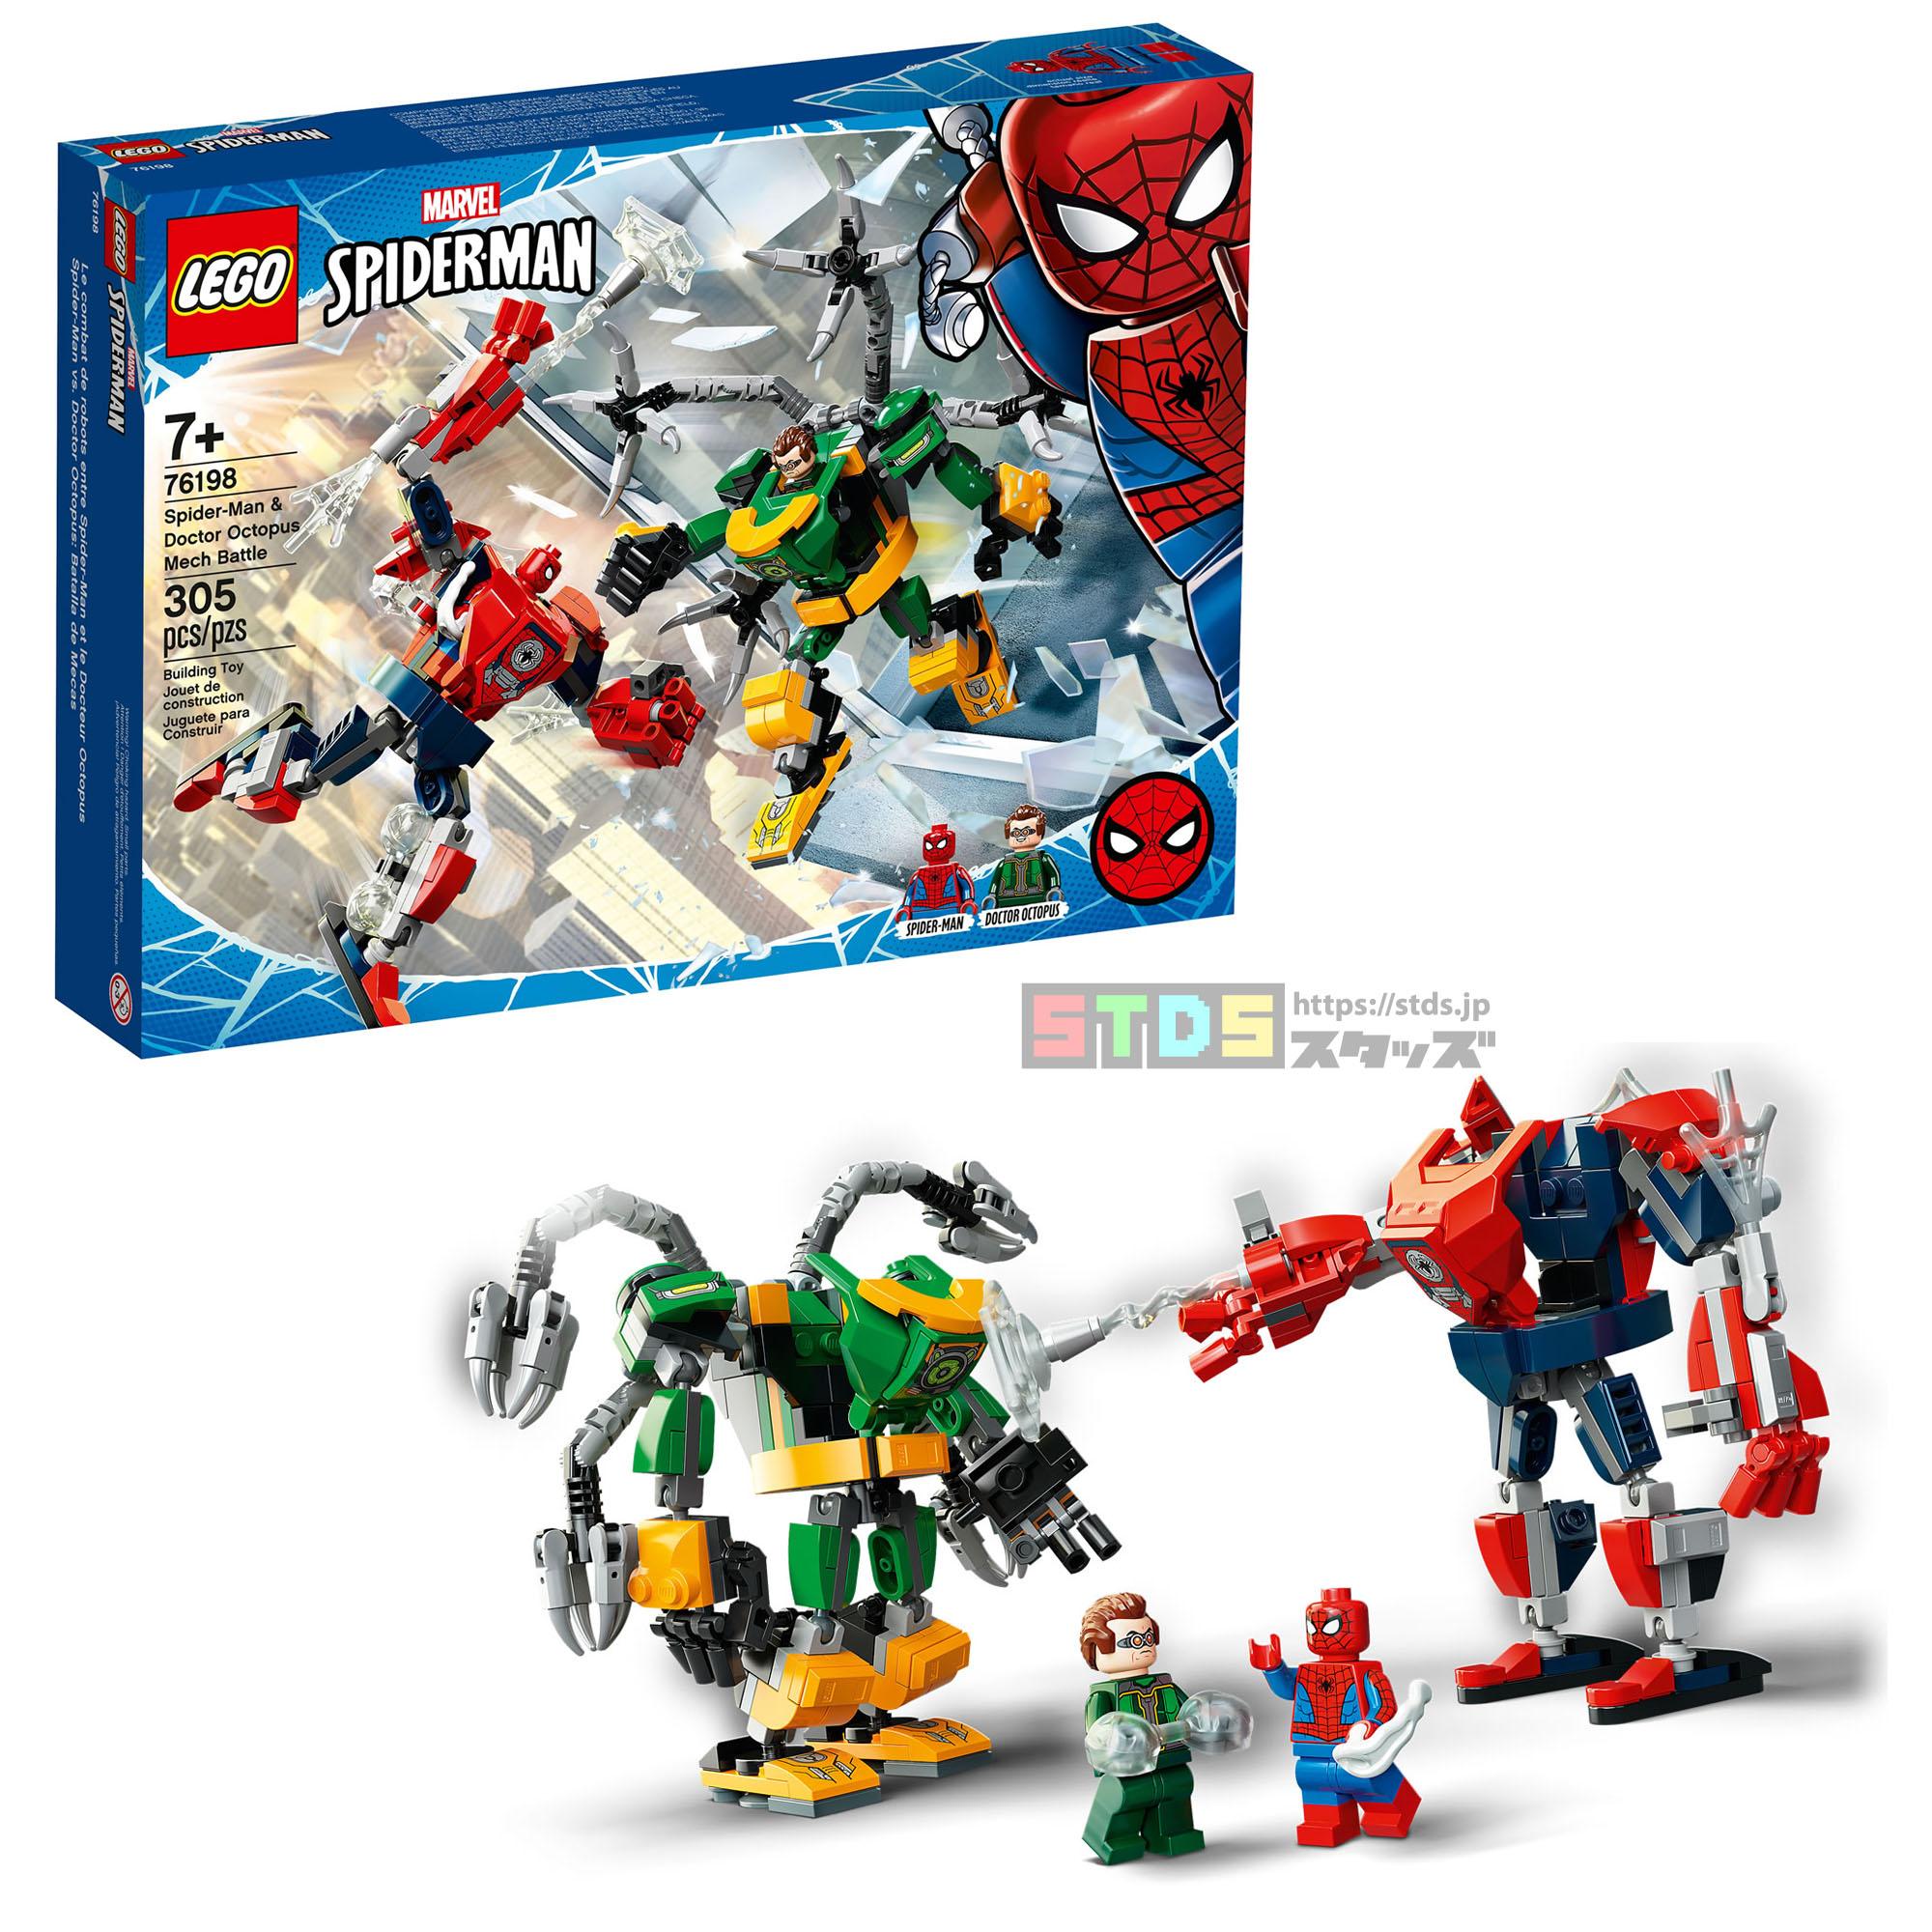 レゴ(LEGO) マーベル・スーパー・ヒーローズ スパイダーマンとドクター・オクトパス メカスーツ 76198